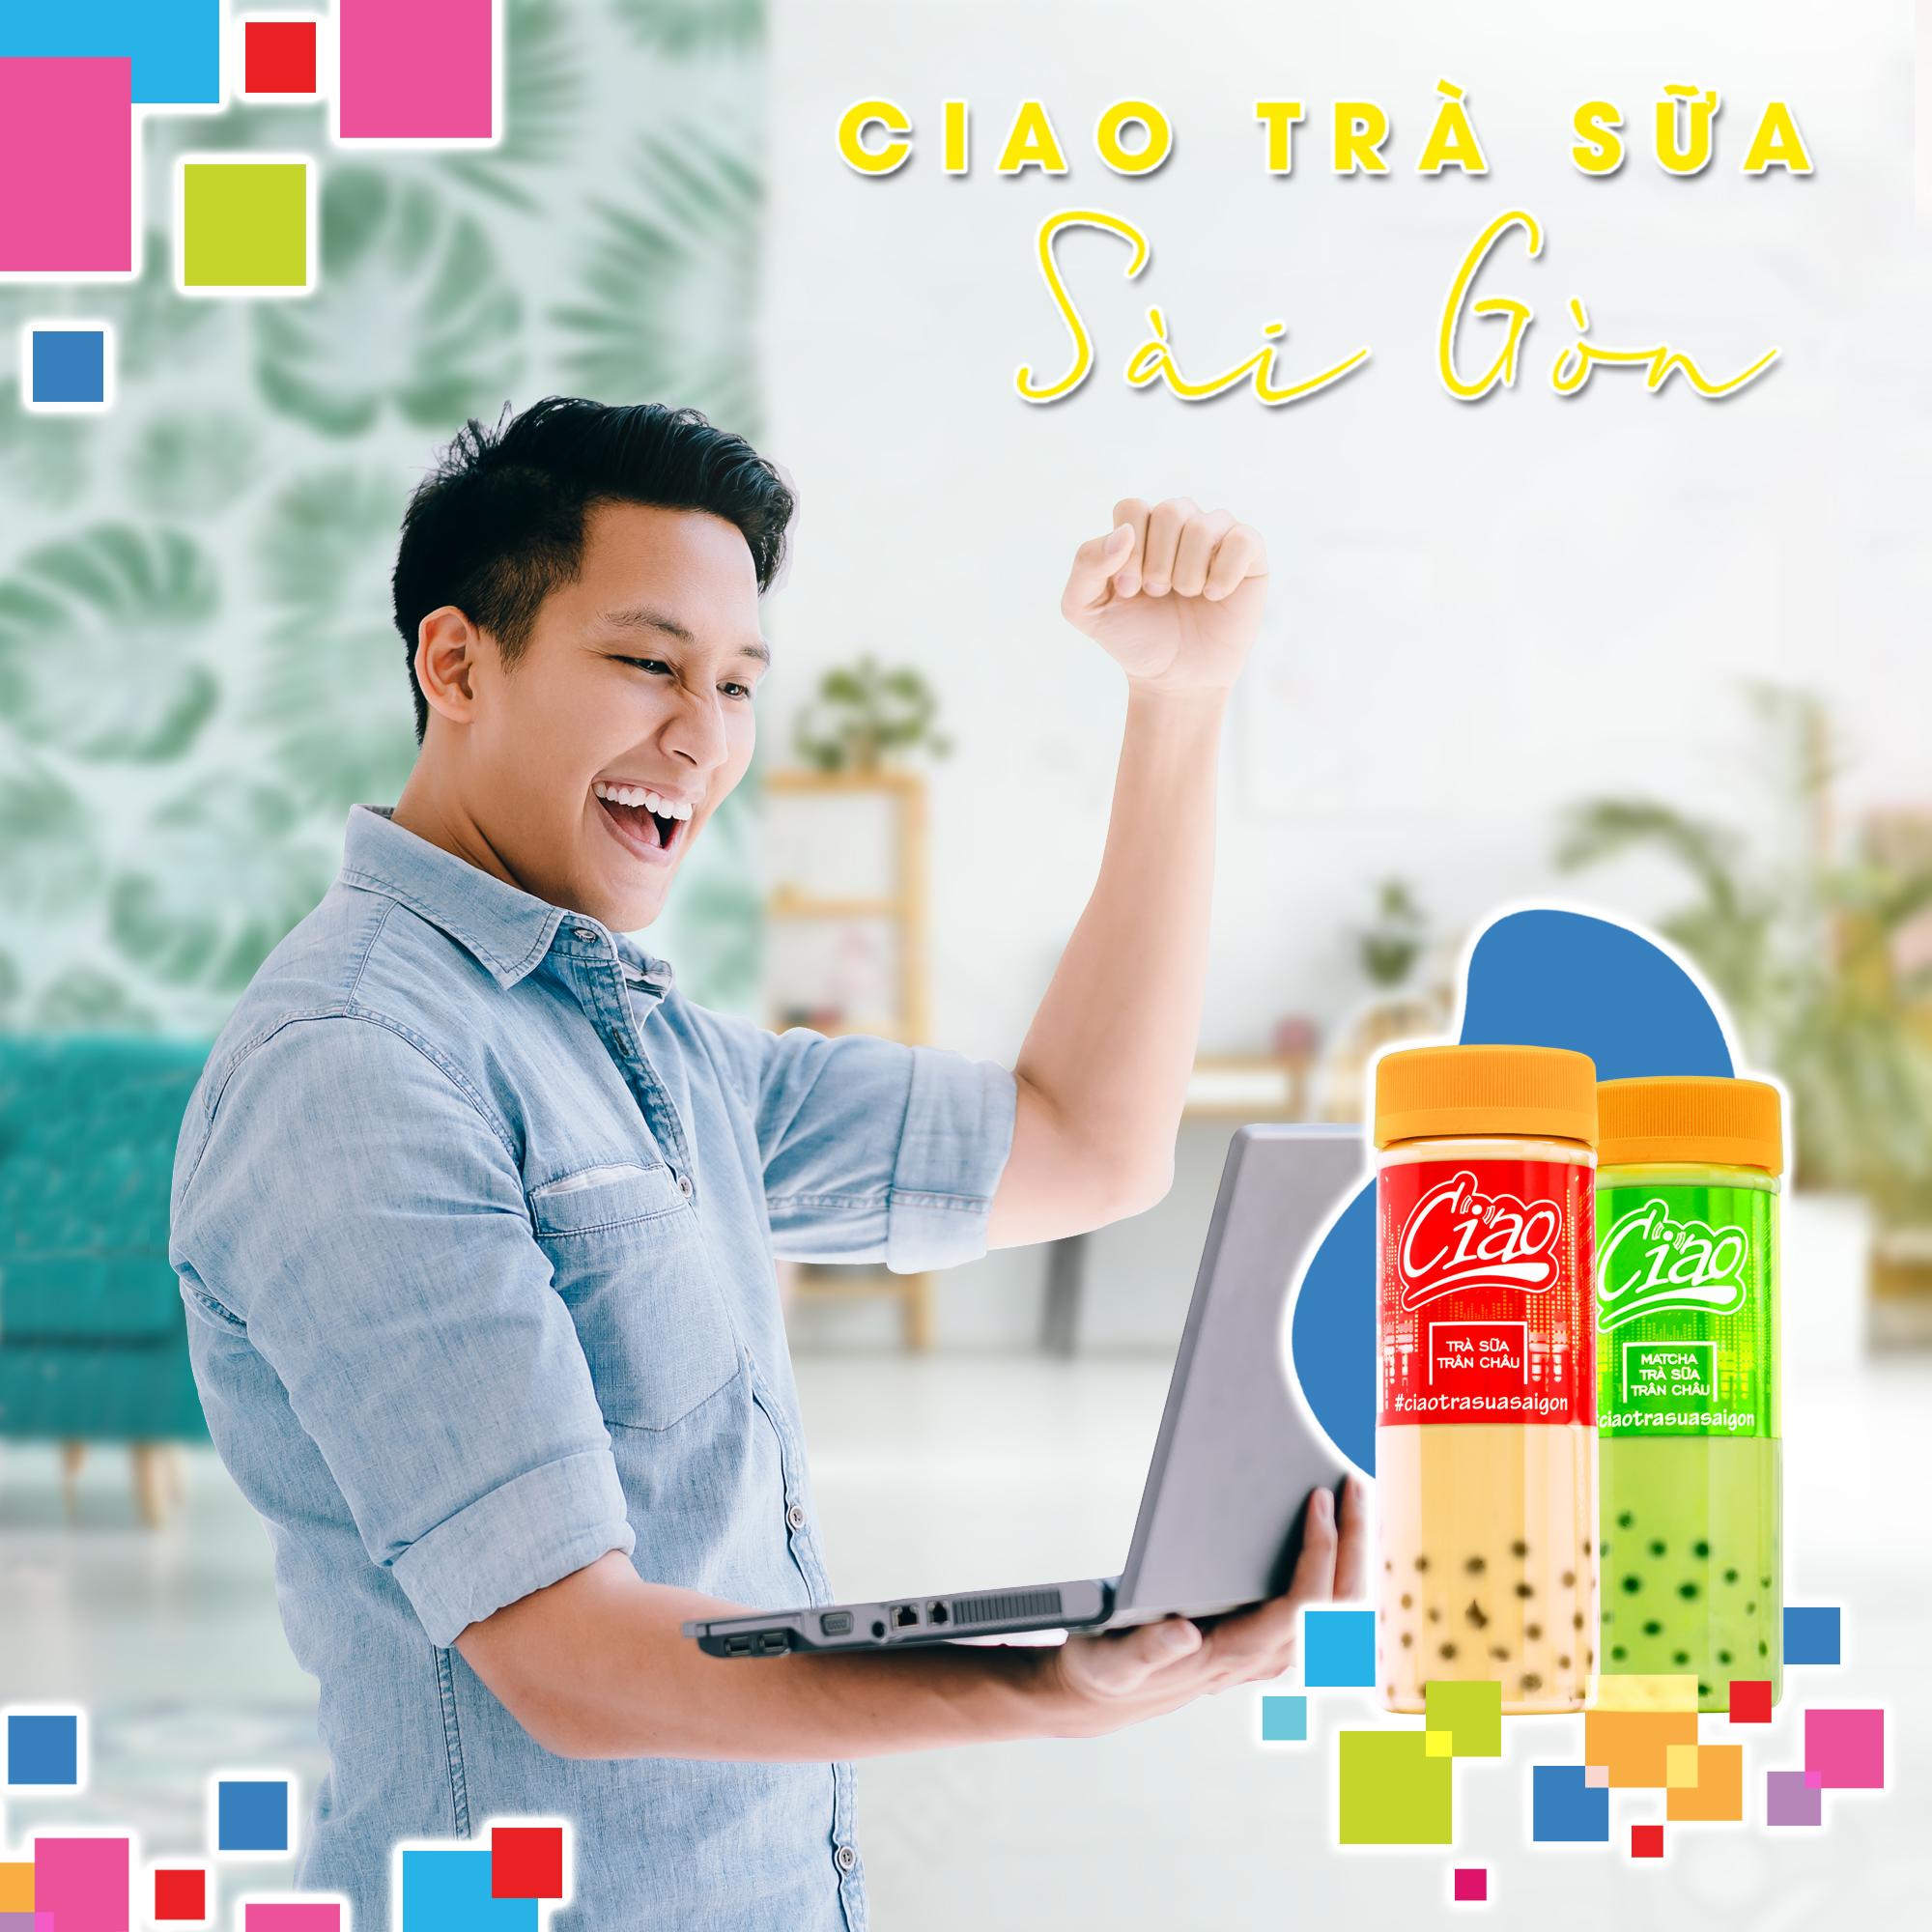 Ciao-Trà-Sữa-Sài-Gòn-02